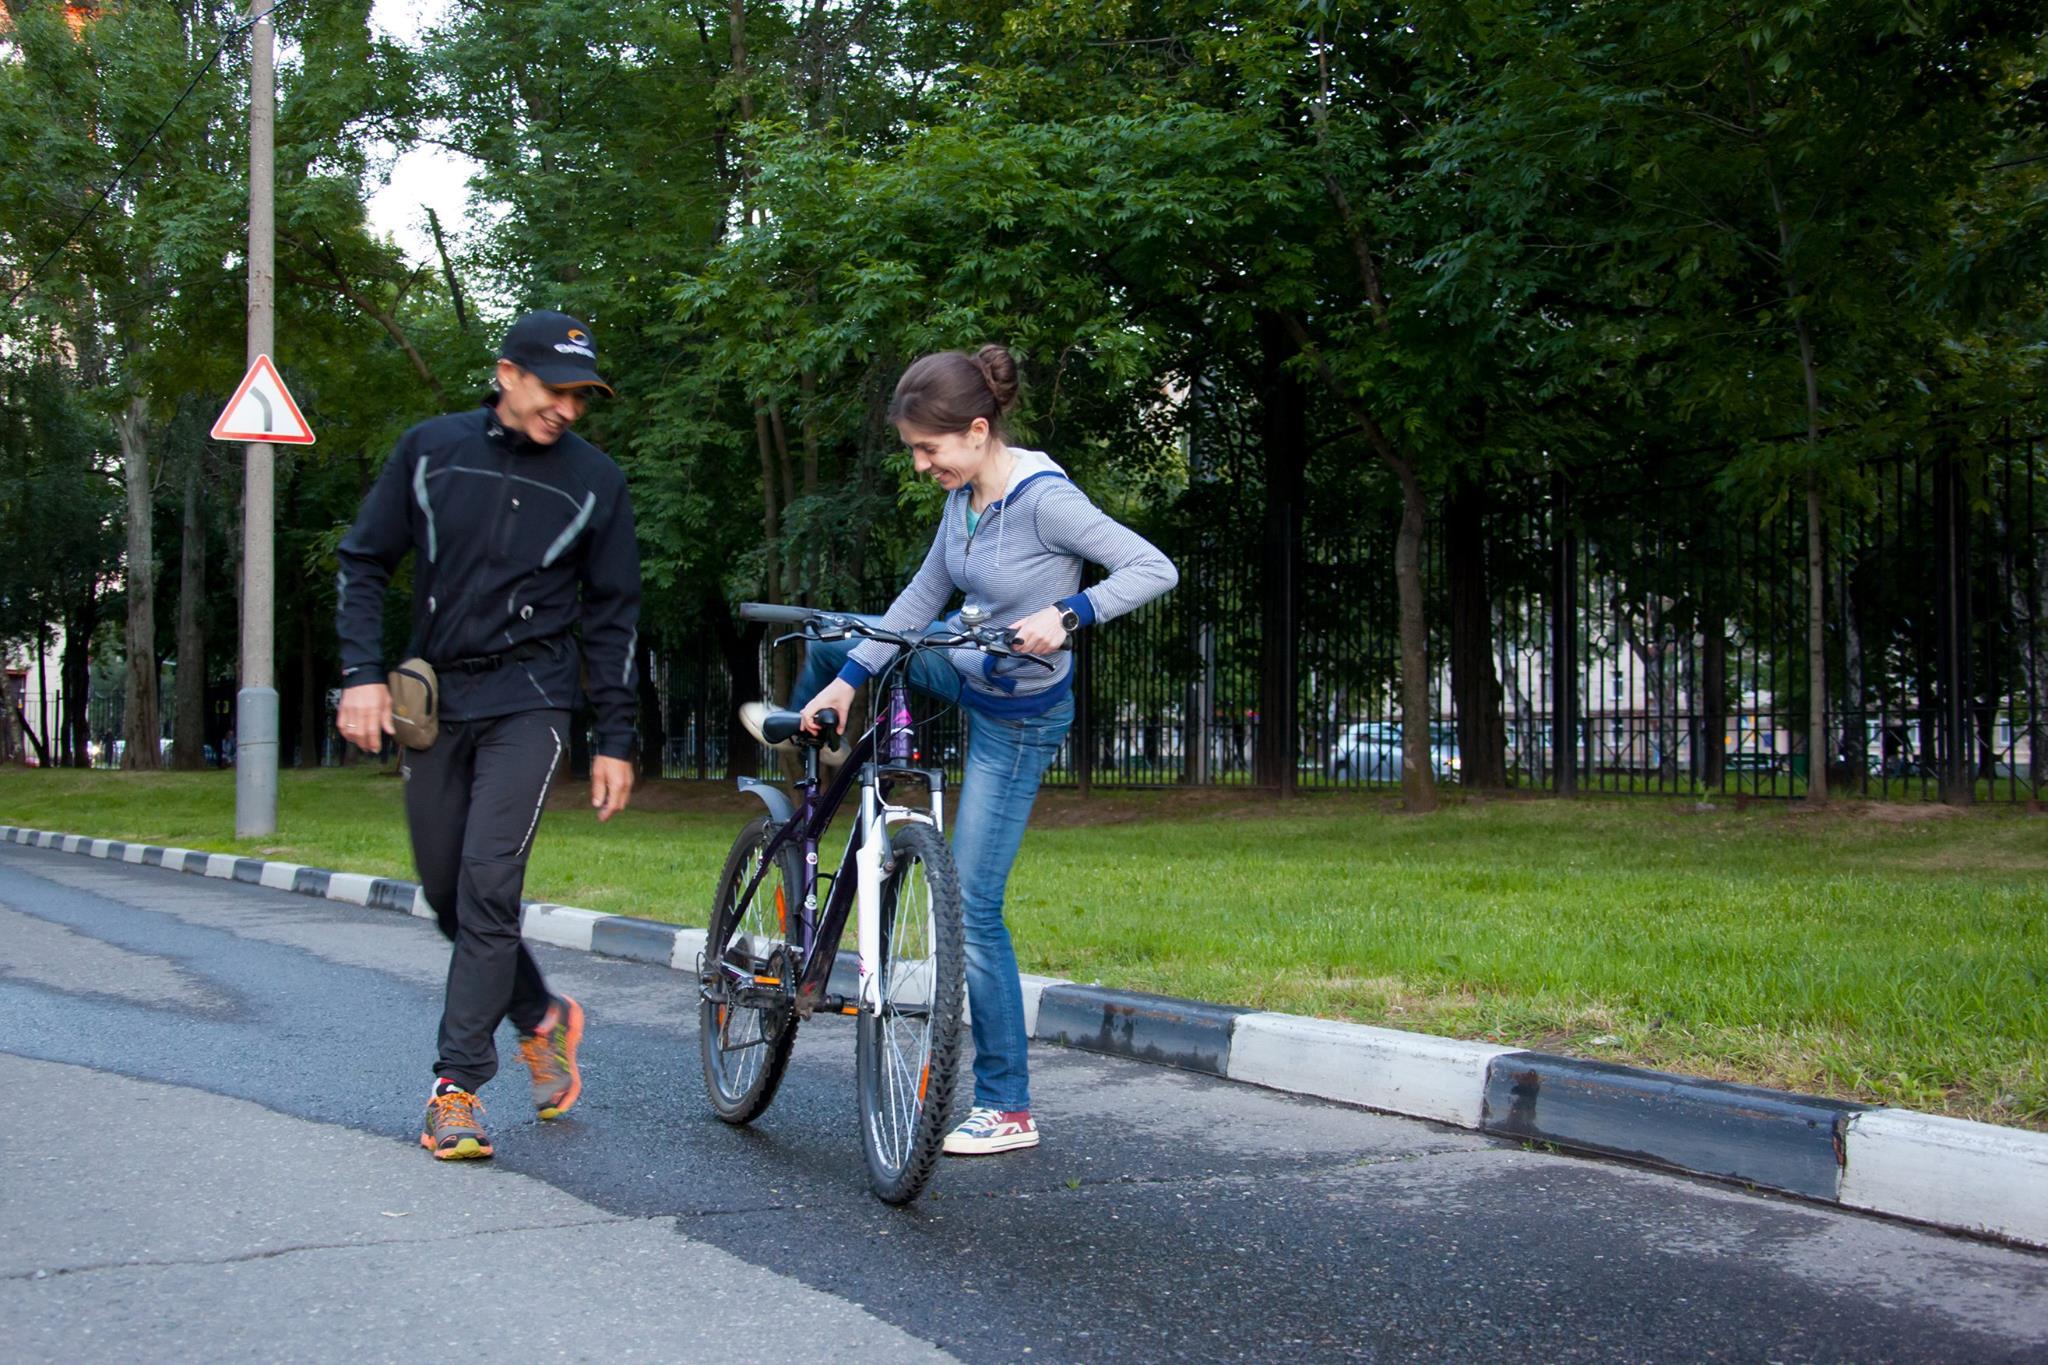 Азы техники езды на велосипеде для новичков